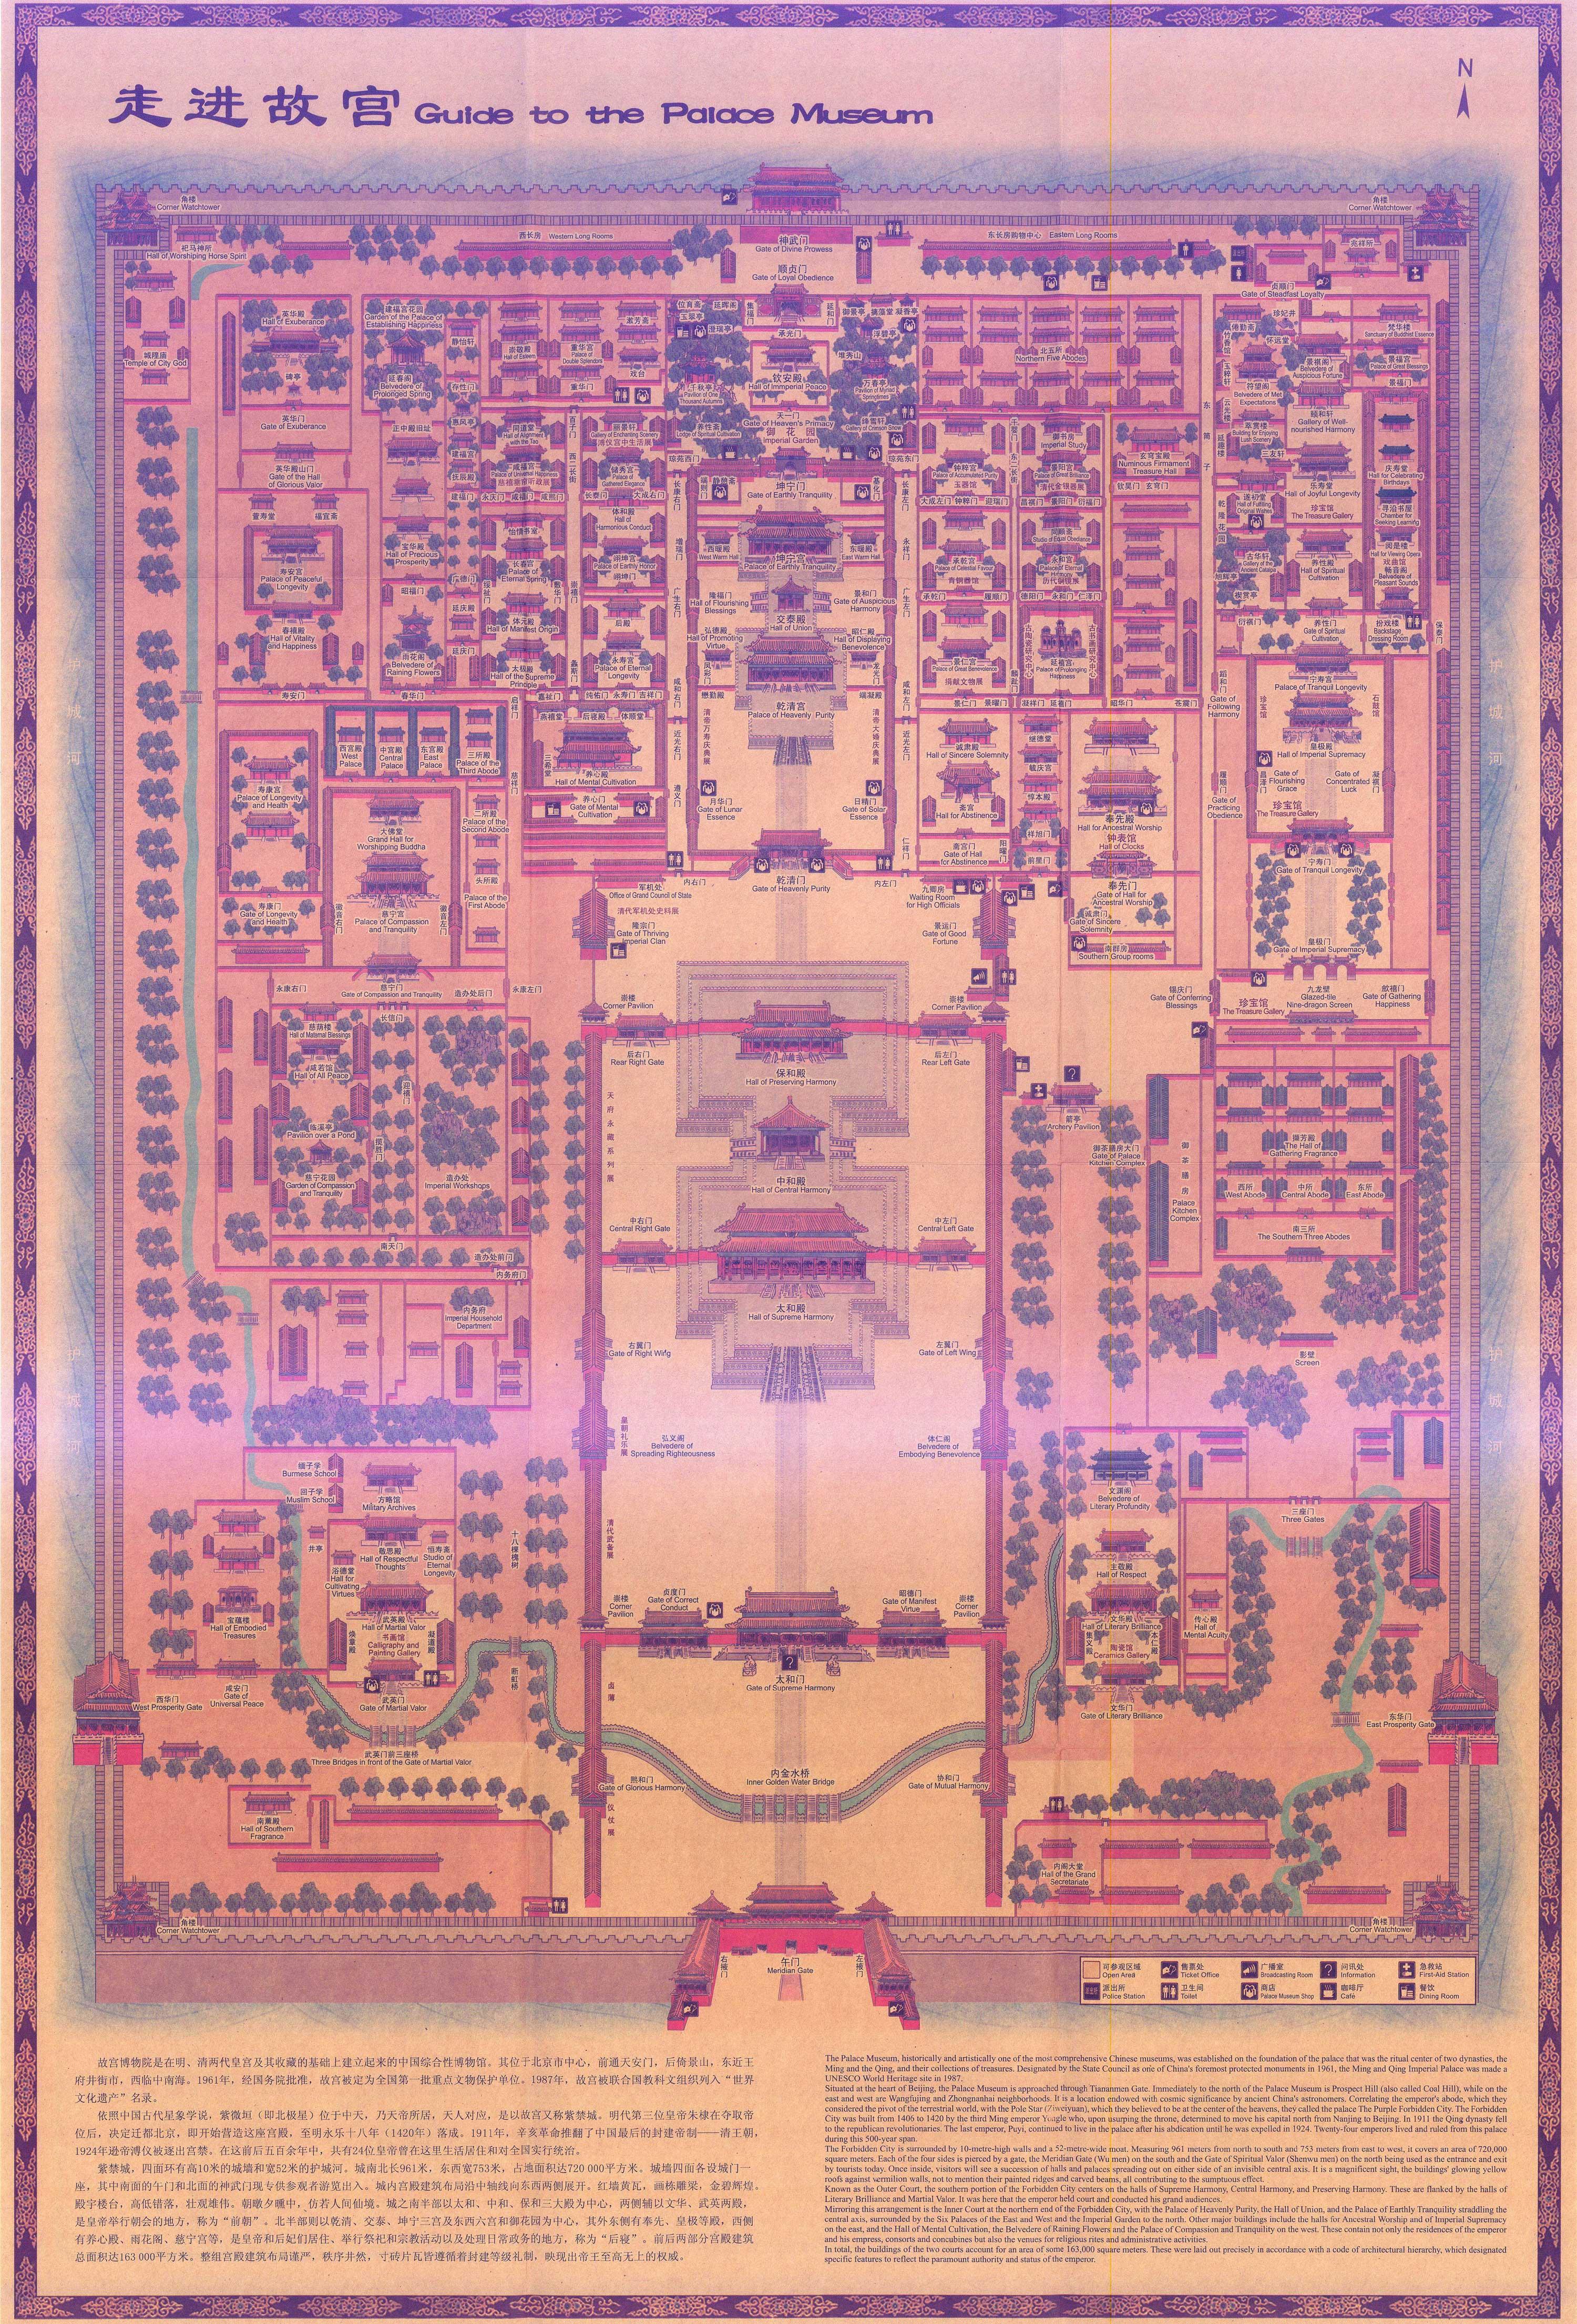 故宫地图高清版